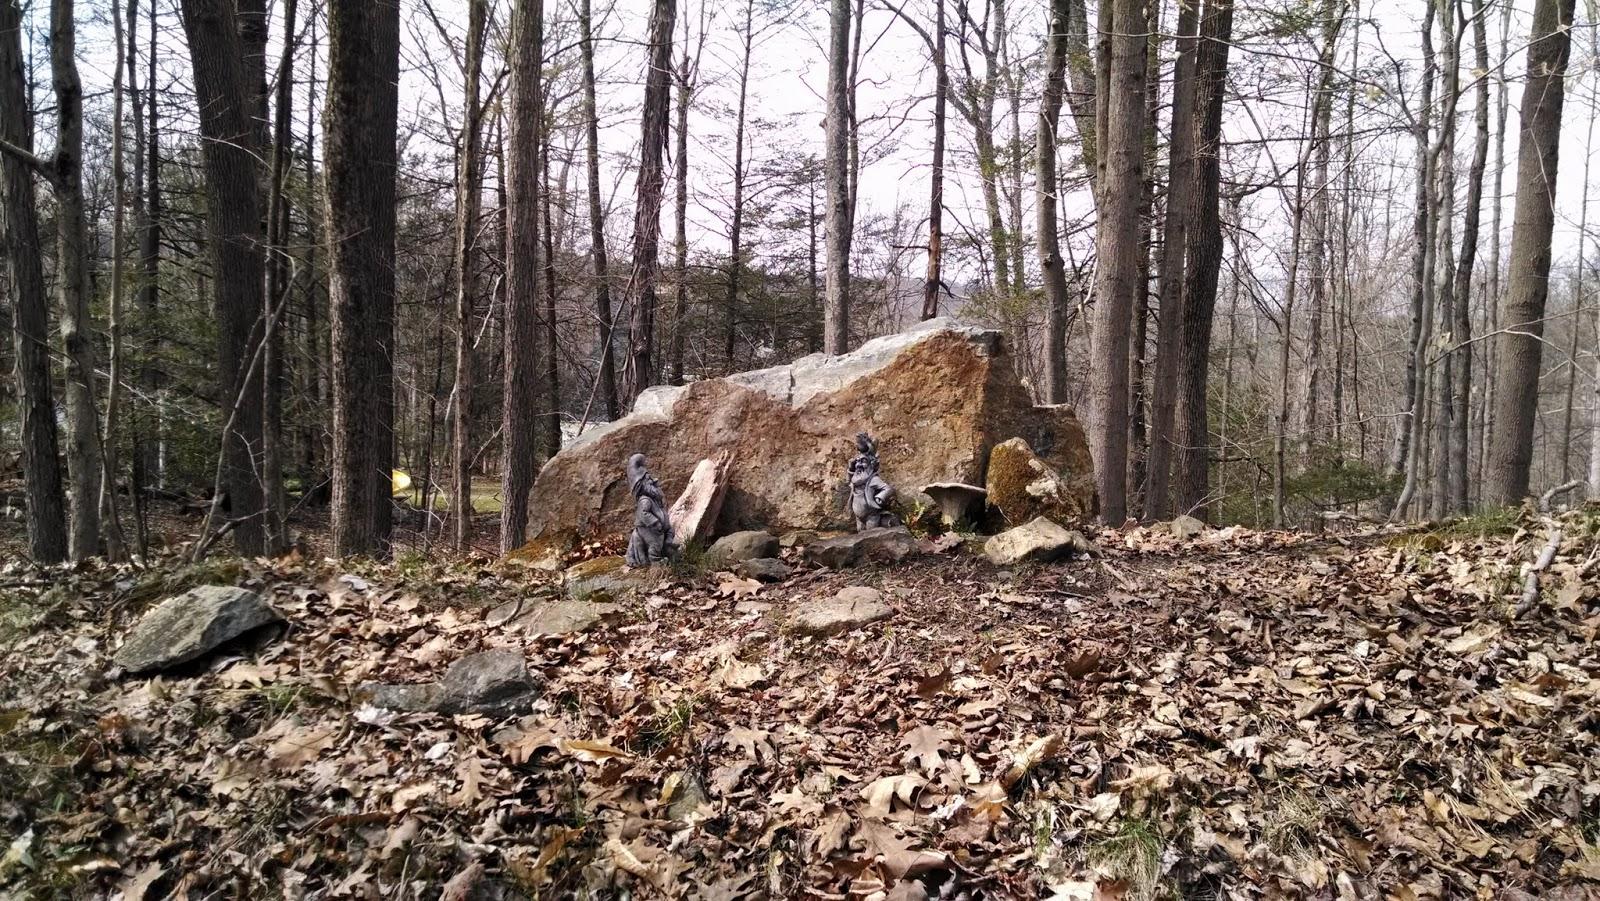 Тропа Колумбия - Калифон, Нью Джерси (Сolumbia Trail - Califon, NJ)